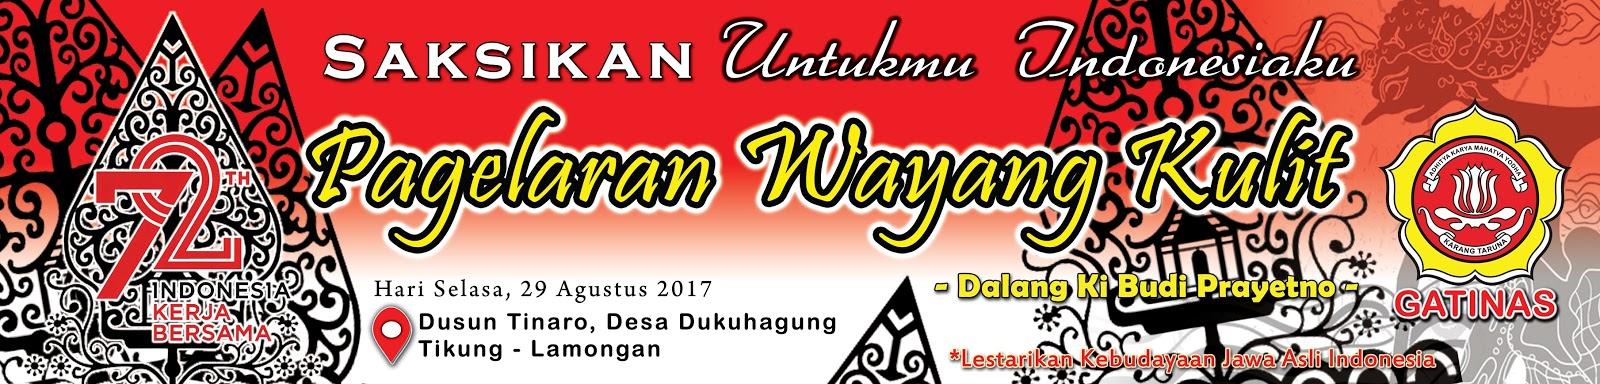 www sya kur blogspot com contoh banner sepanduk pagelaran wayang kulit hut ri ke 72 tinaro tikung lamongan contoh banner sepanduk pagelaran wayang